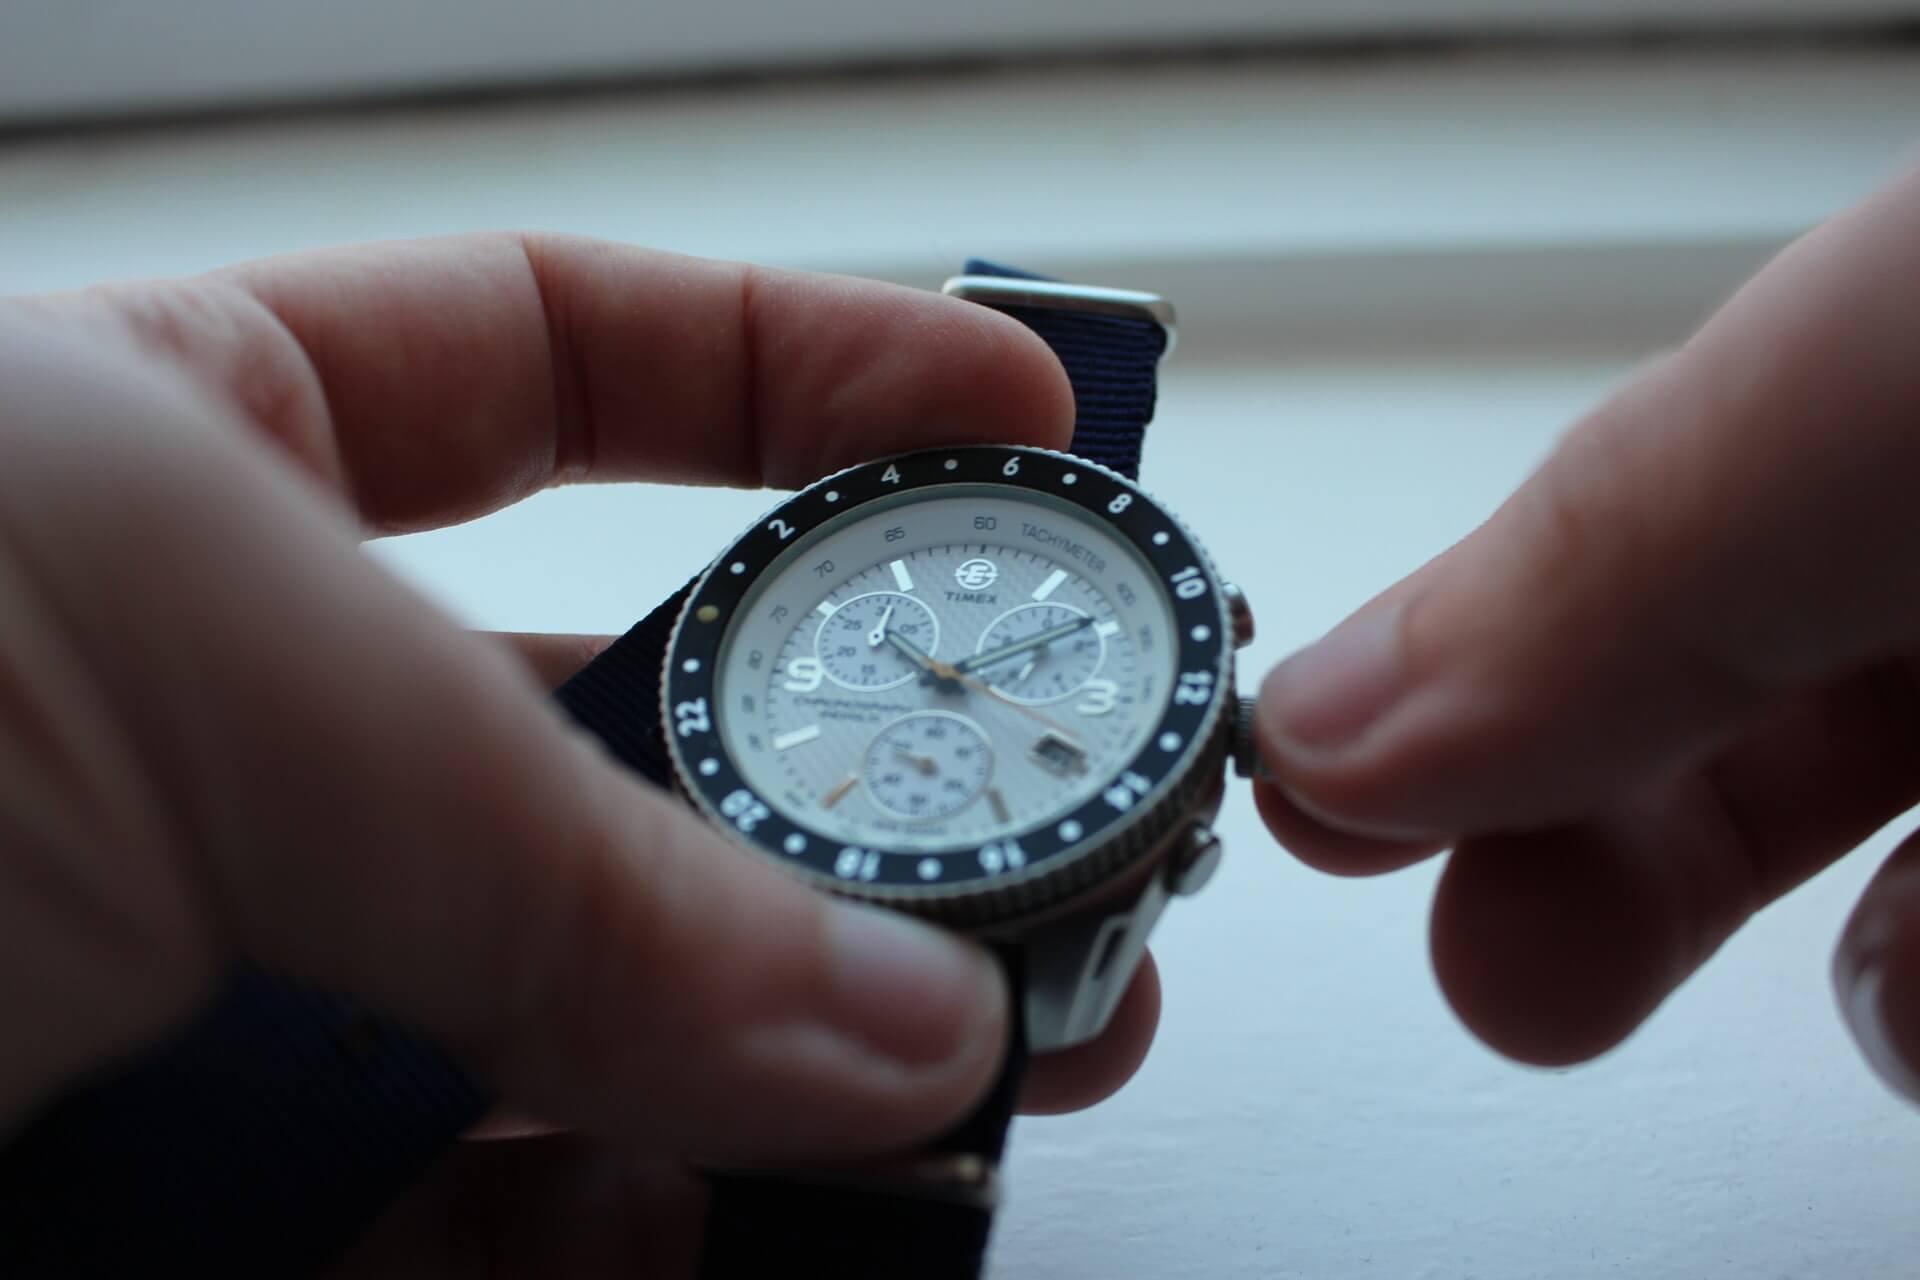 腕時計が動かない!考えられる原因と電池交換の方法